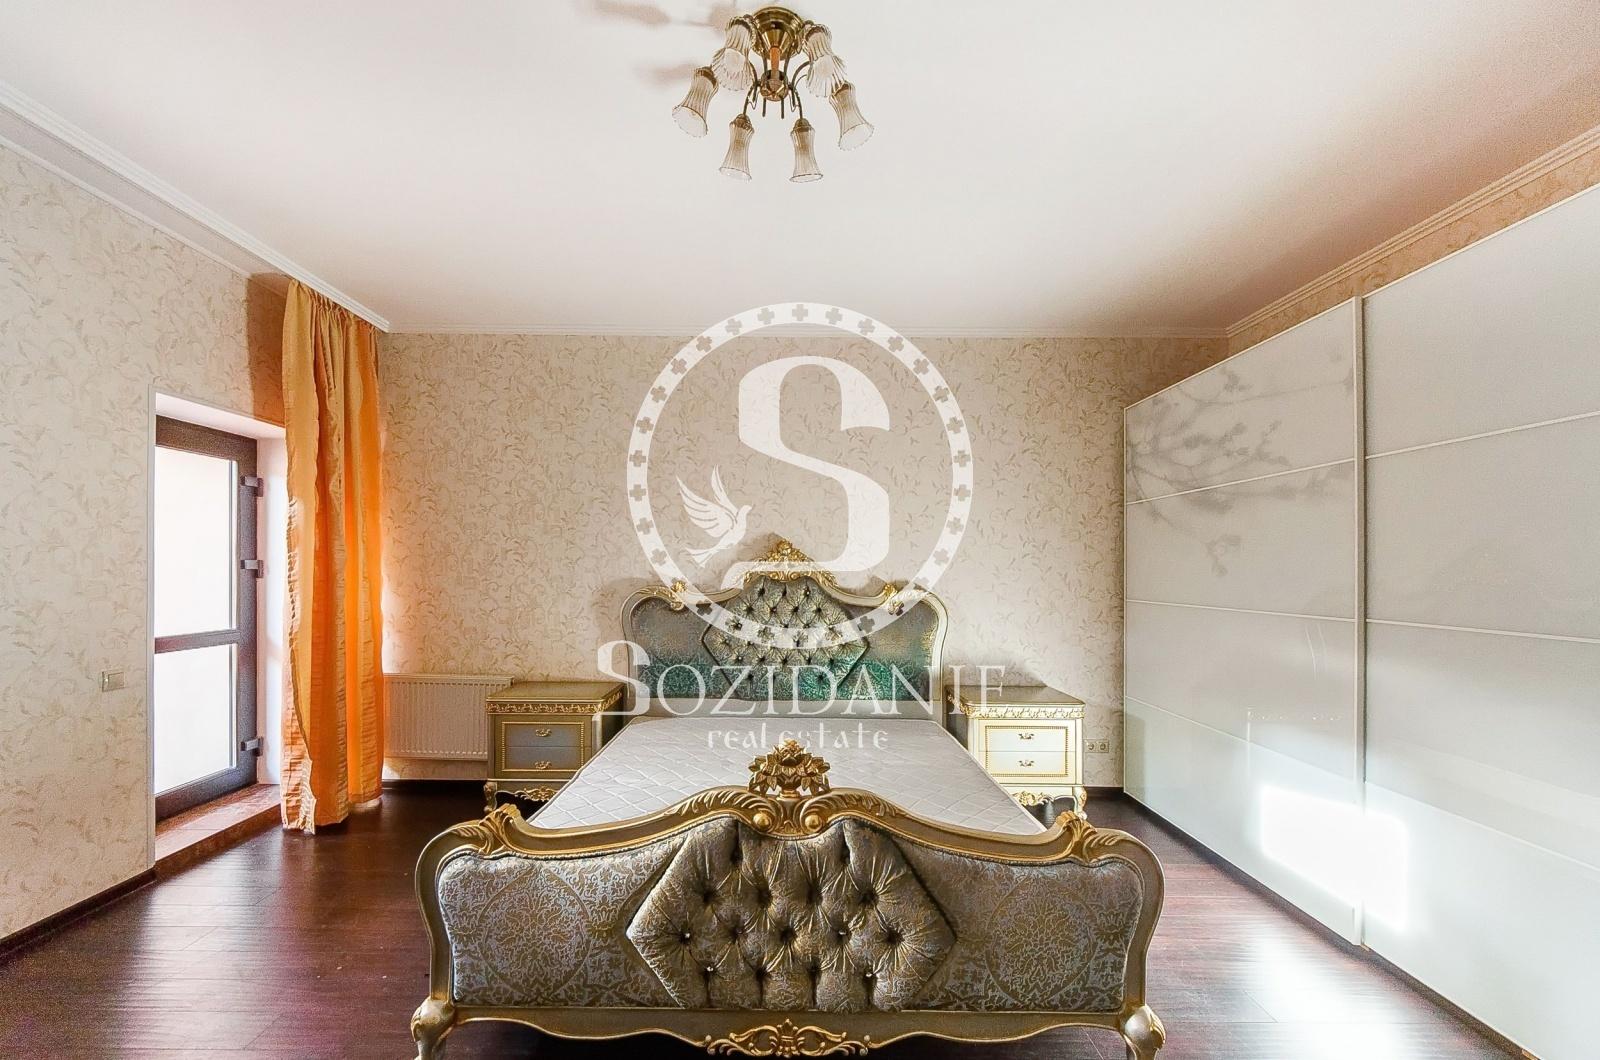 4 Bedrooms, Загородная, Аренда, Listing ID 1451, Московская область, Россия,